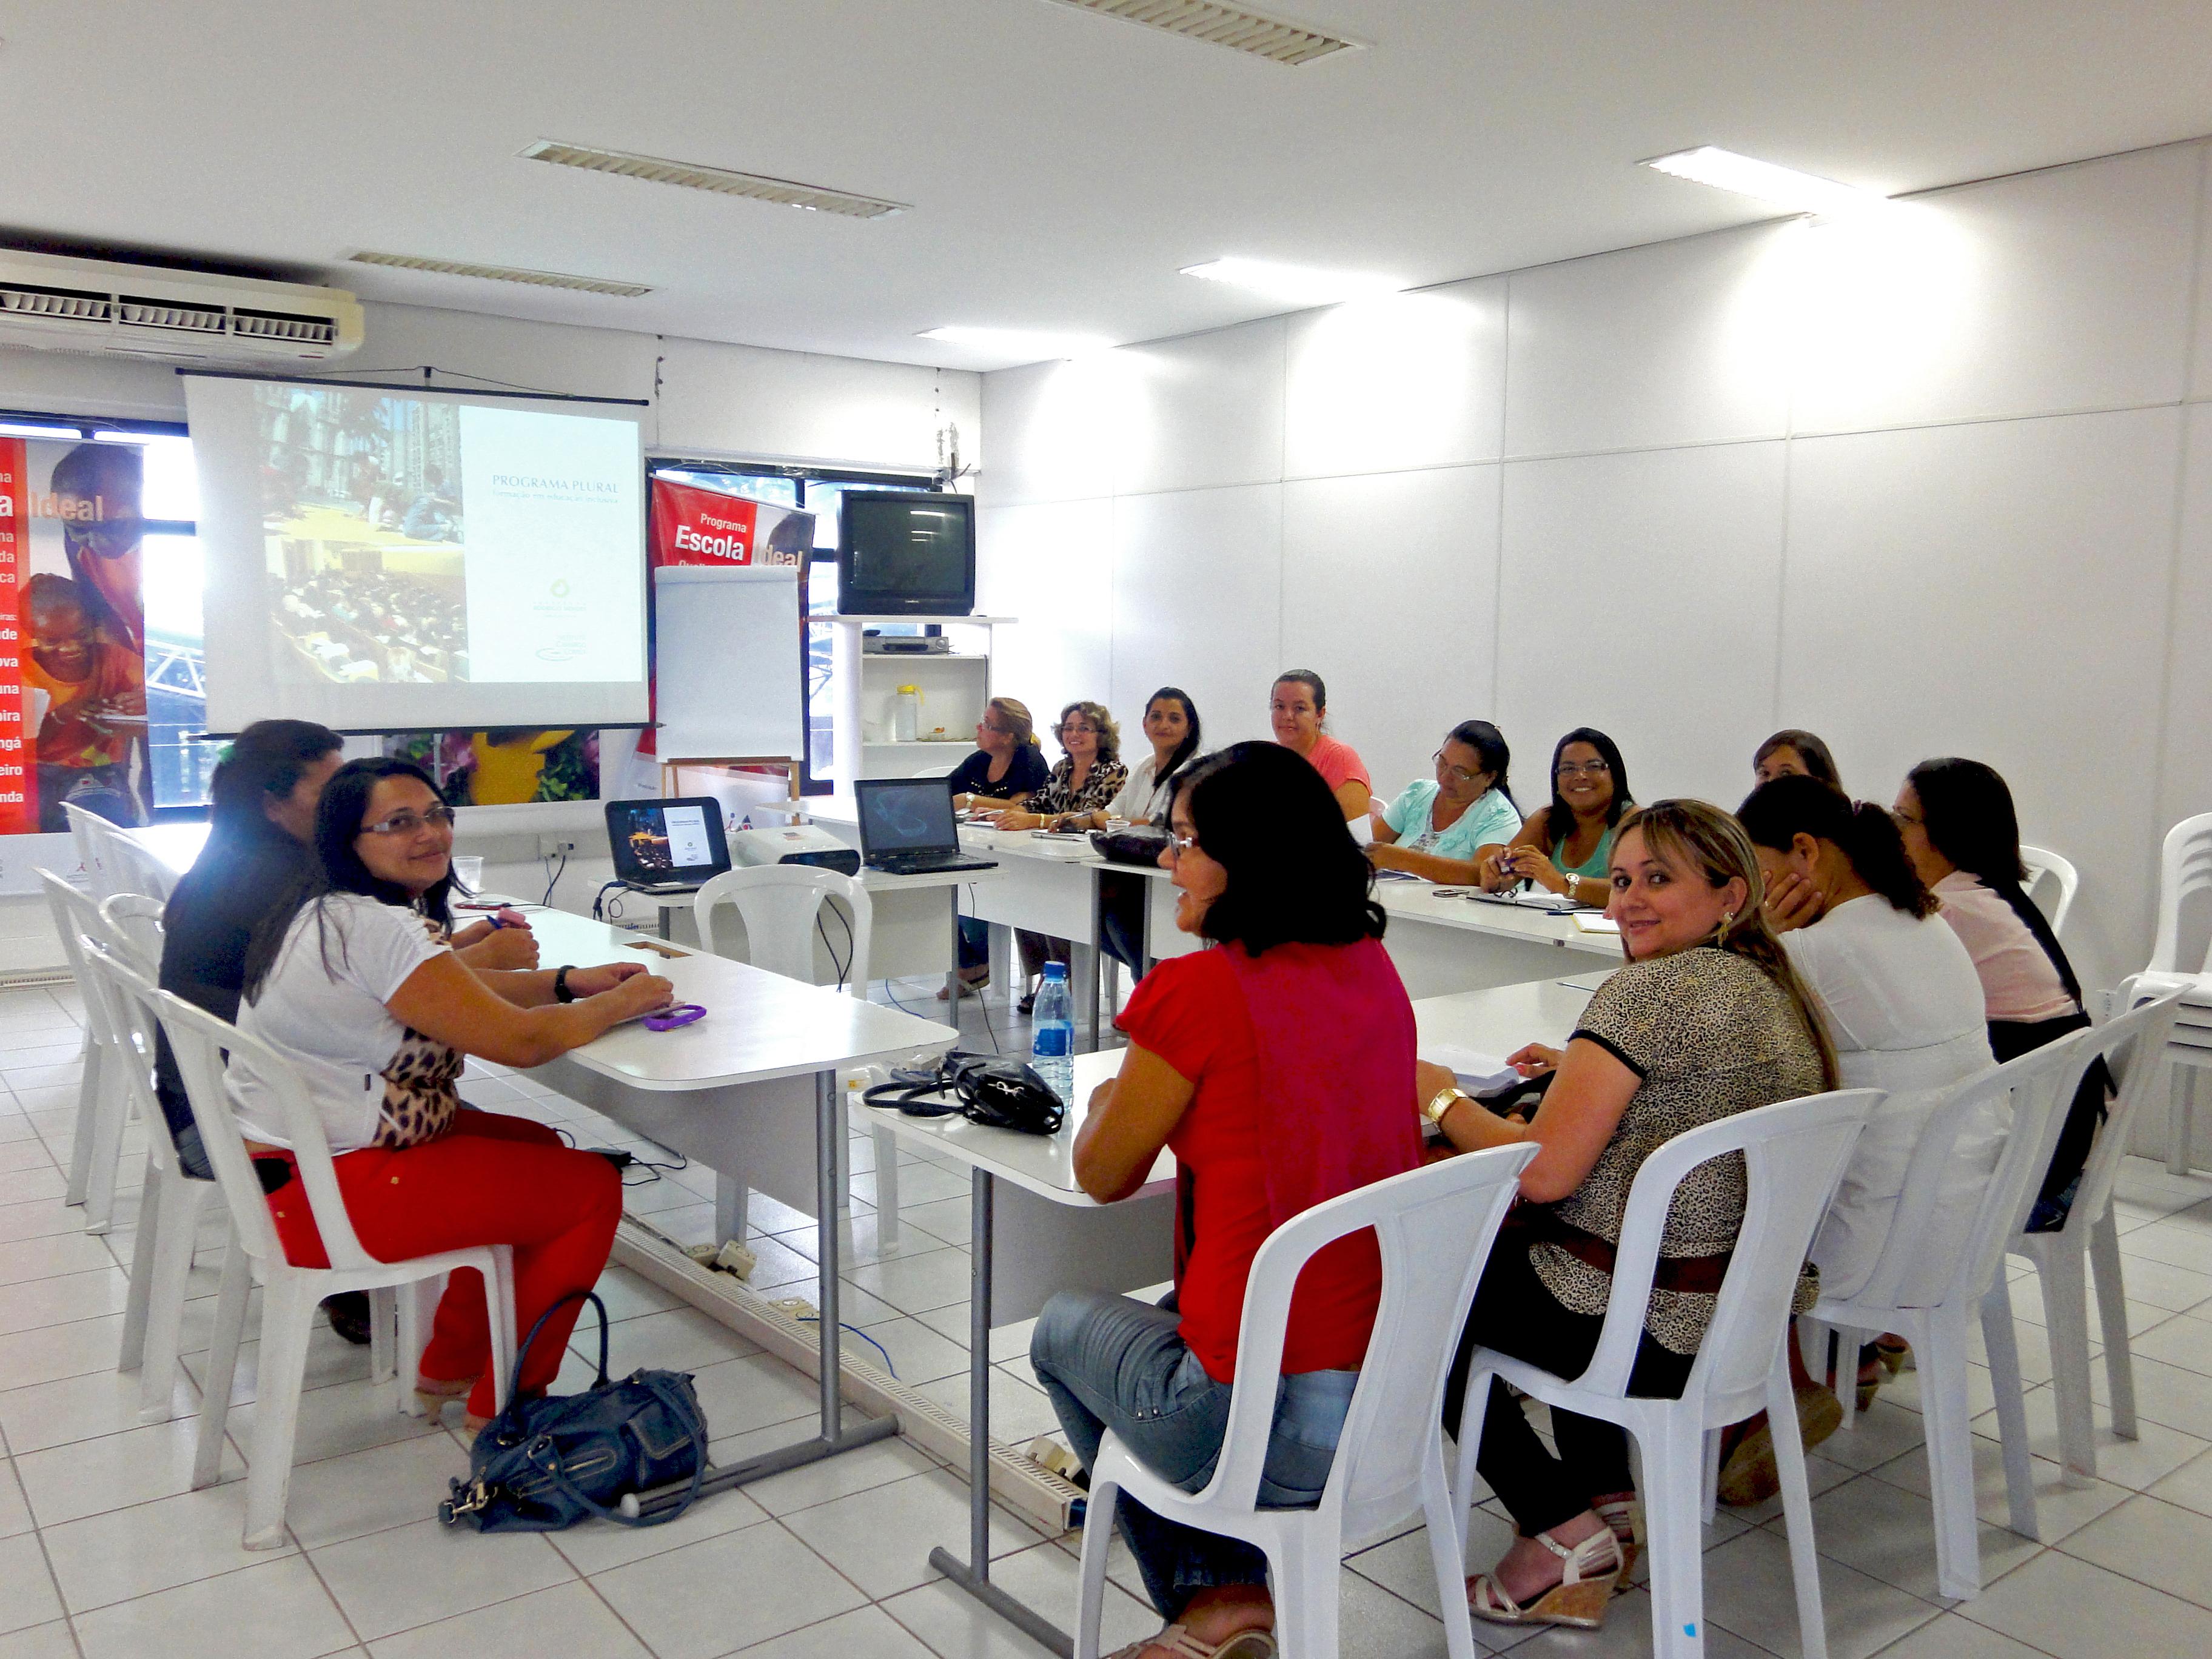 Em sala branca e iluminada, grupo de mulheres sentadas em mesas dispostas em formato U posam para a foto. Ao fundo, há um projetor e telão.